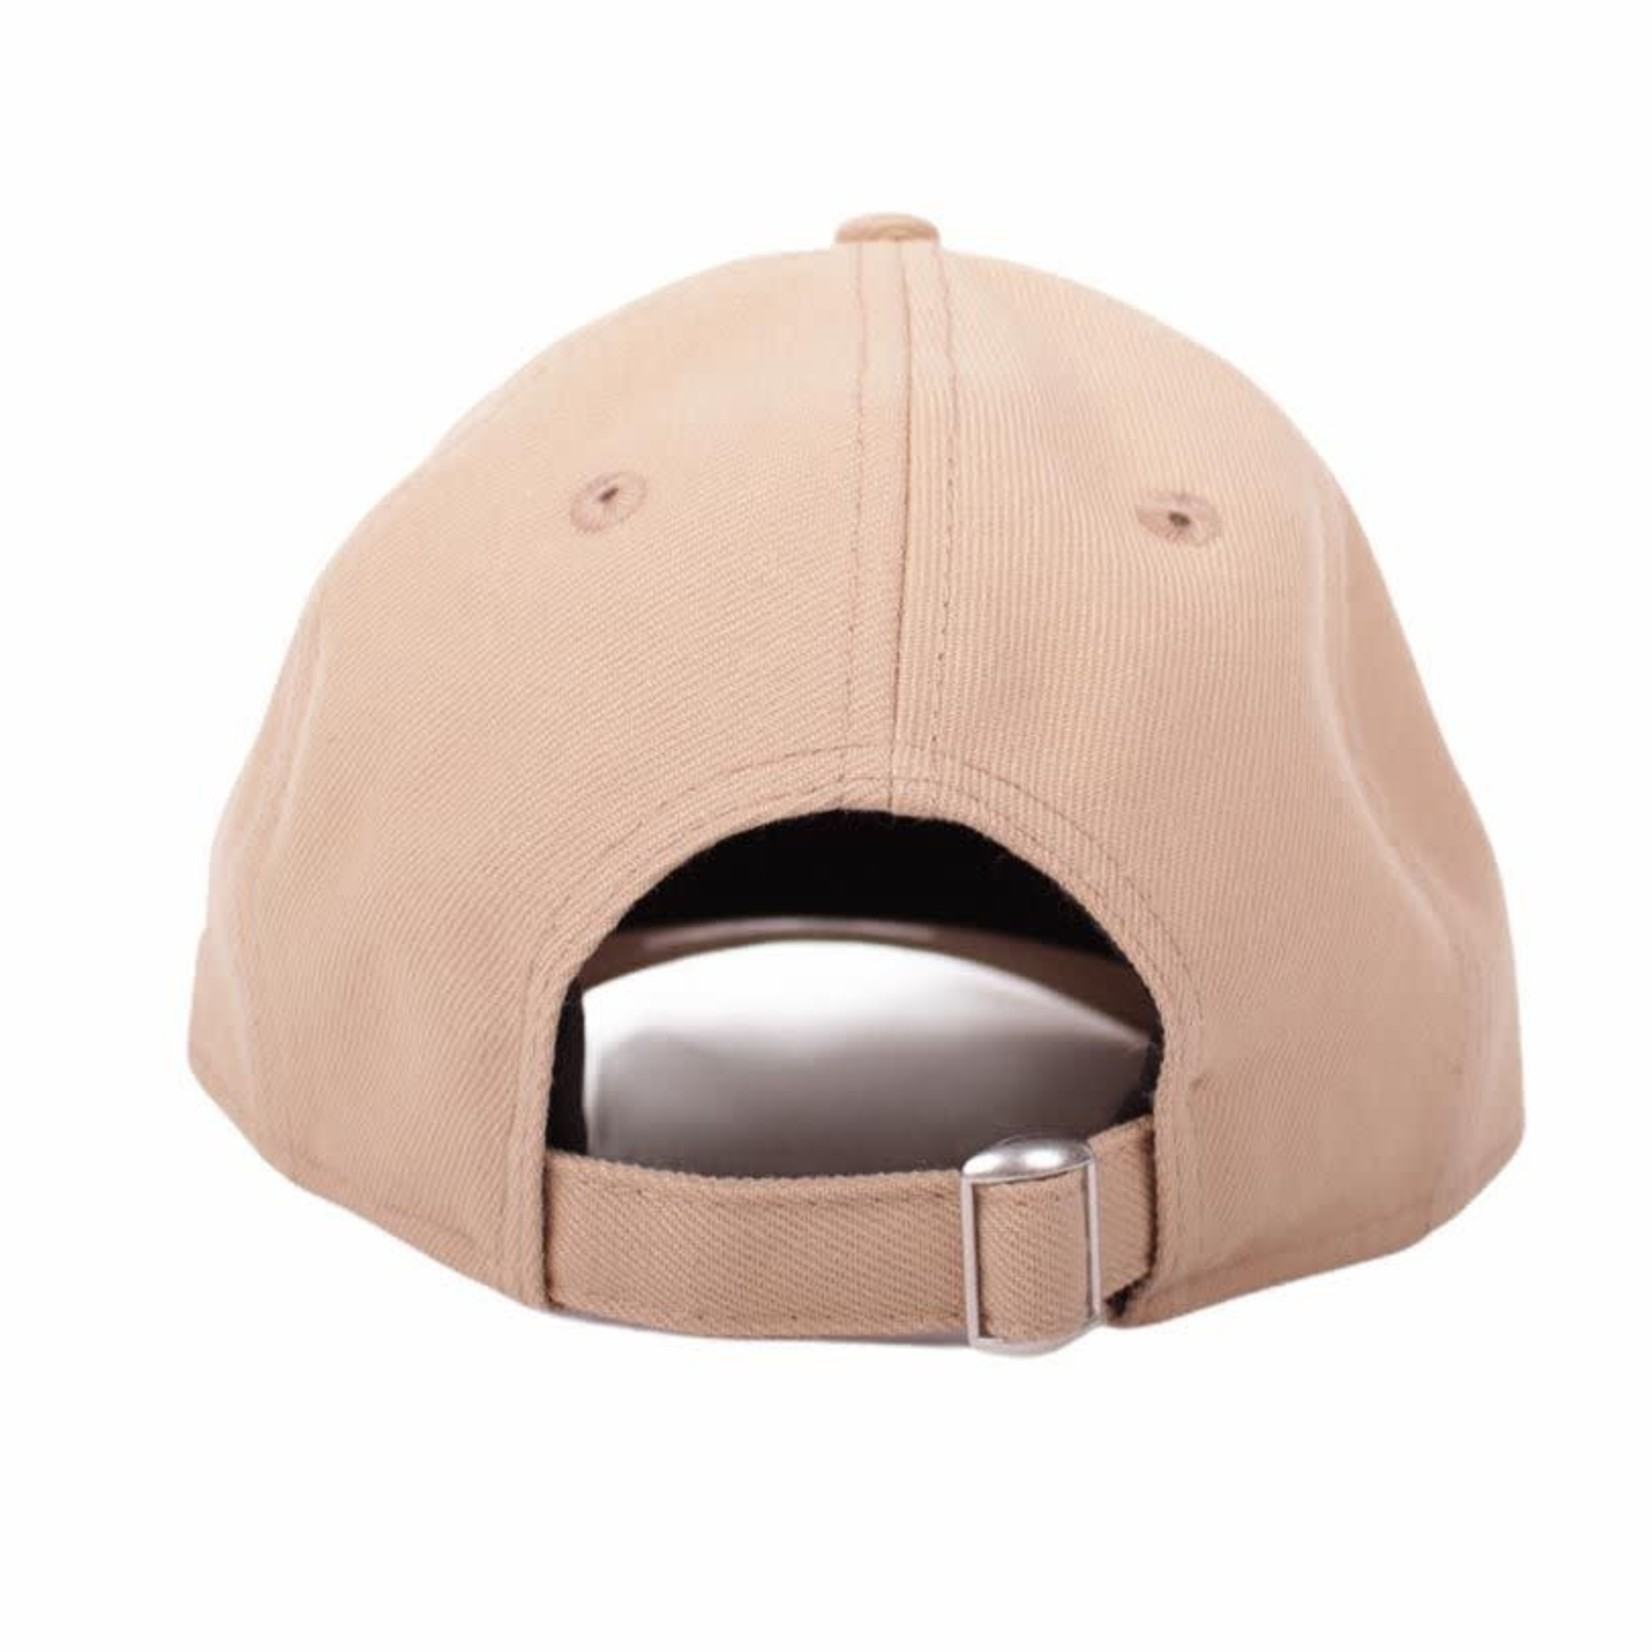 New Era New Era : Women 920 WLKN Oblique Caps